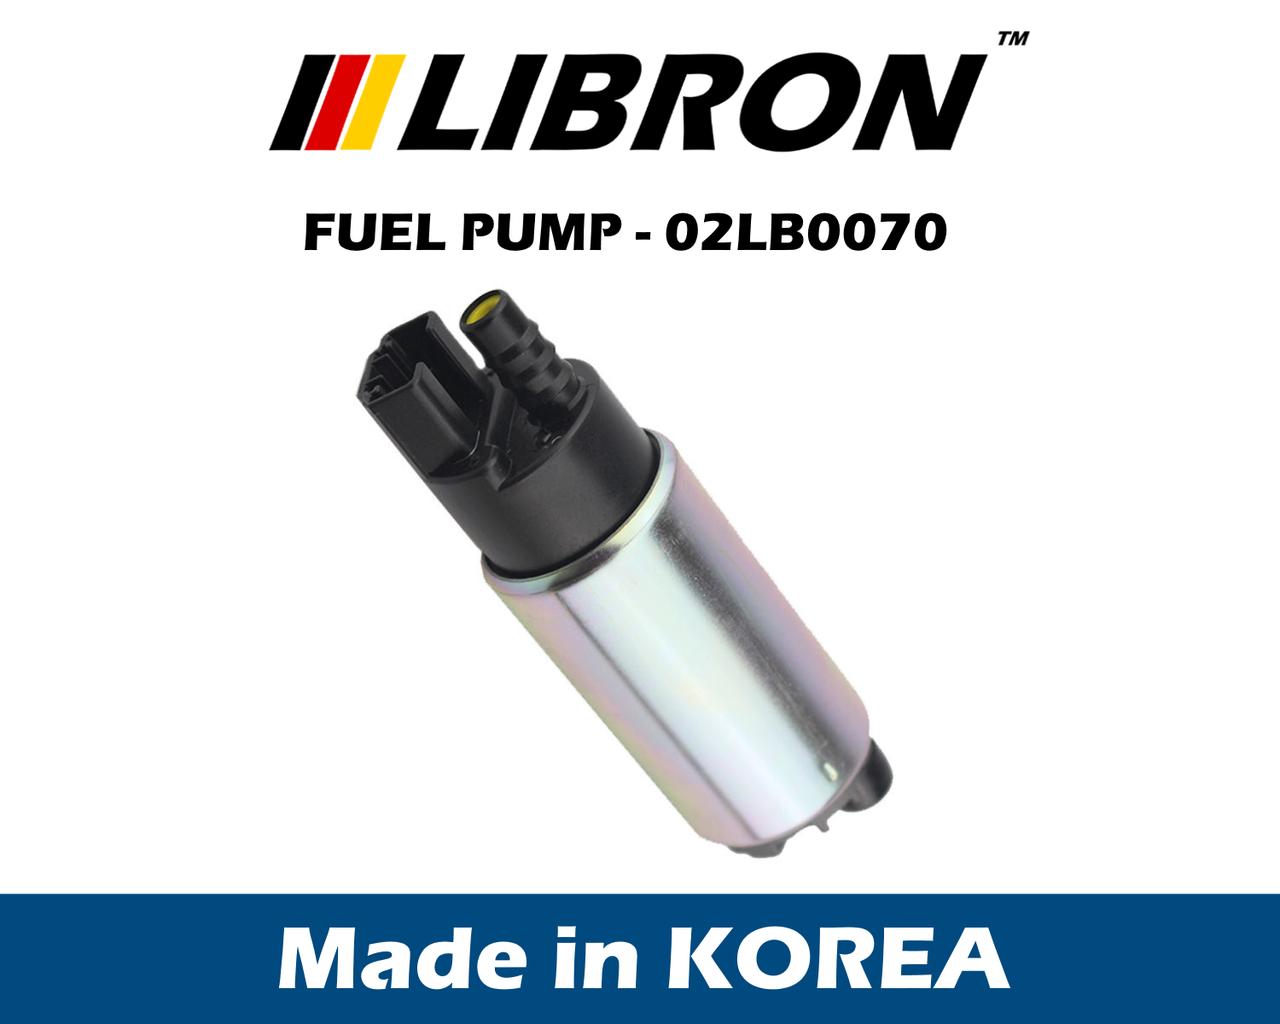 Топливный насос LIBRON 02LB0070 - MAZDA MX-3 (1991-...)